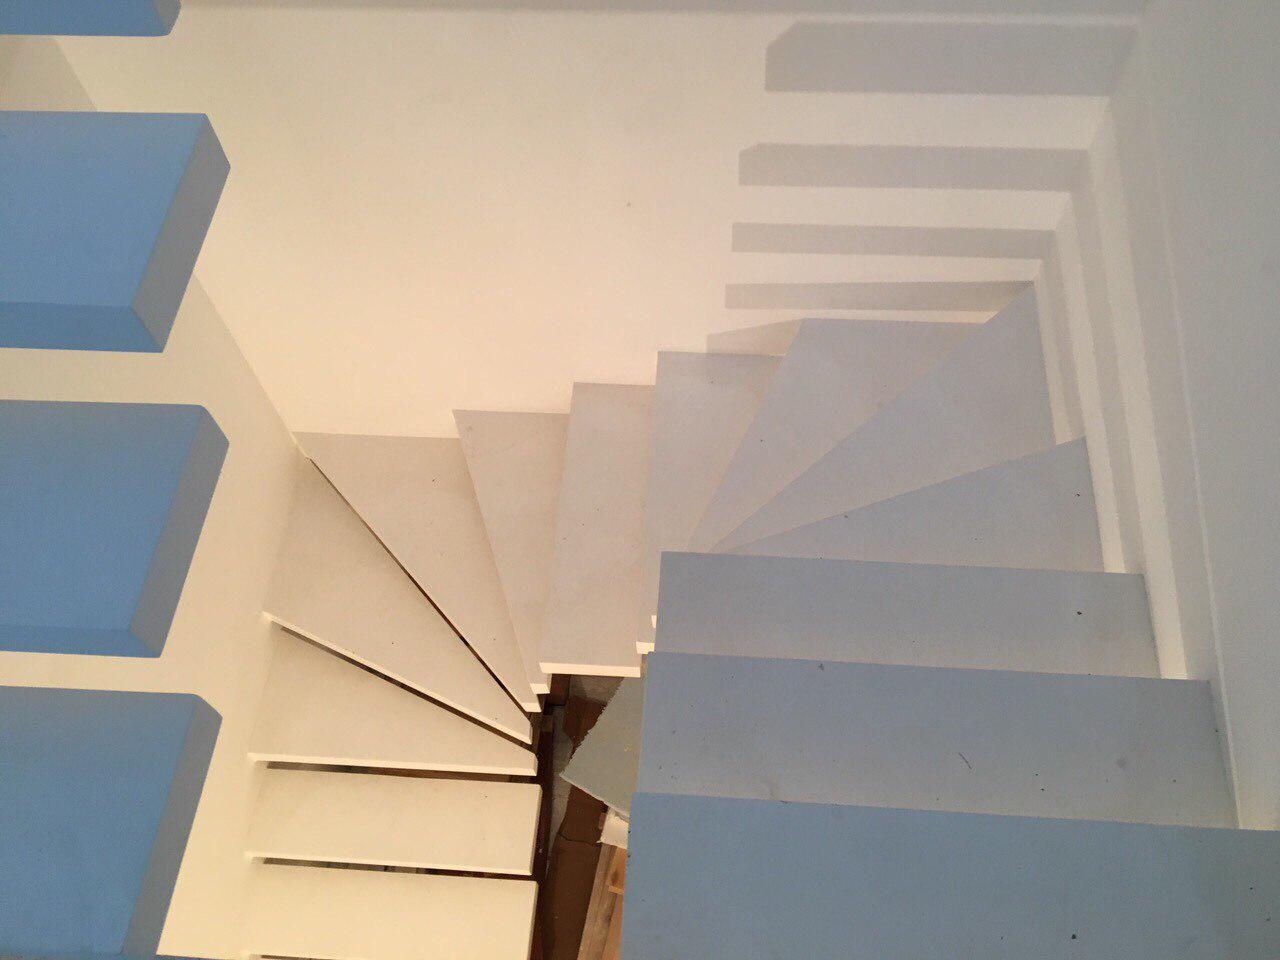 П-подібні сходи консольного типу